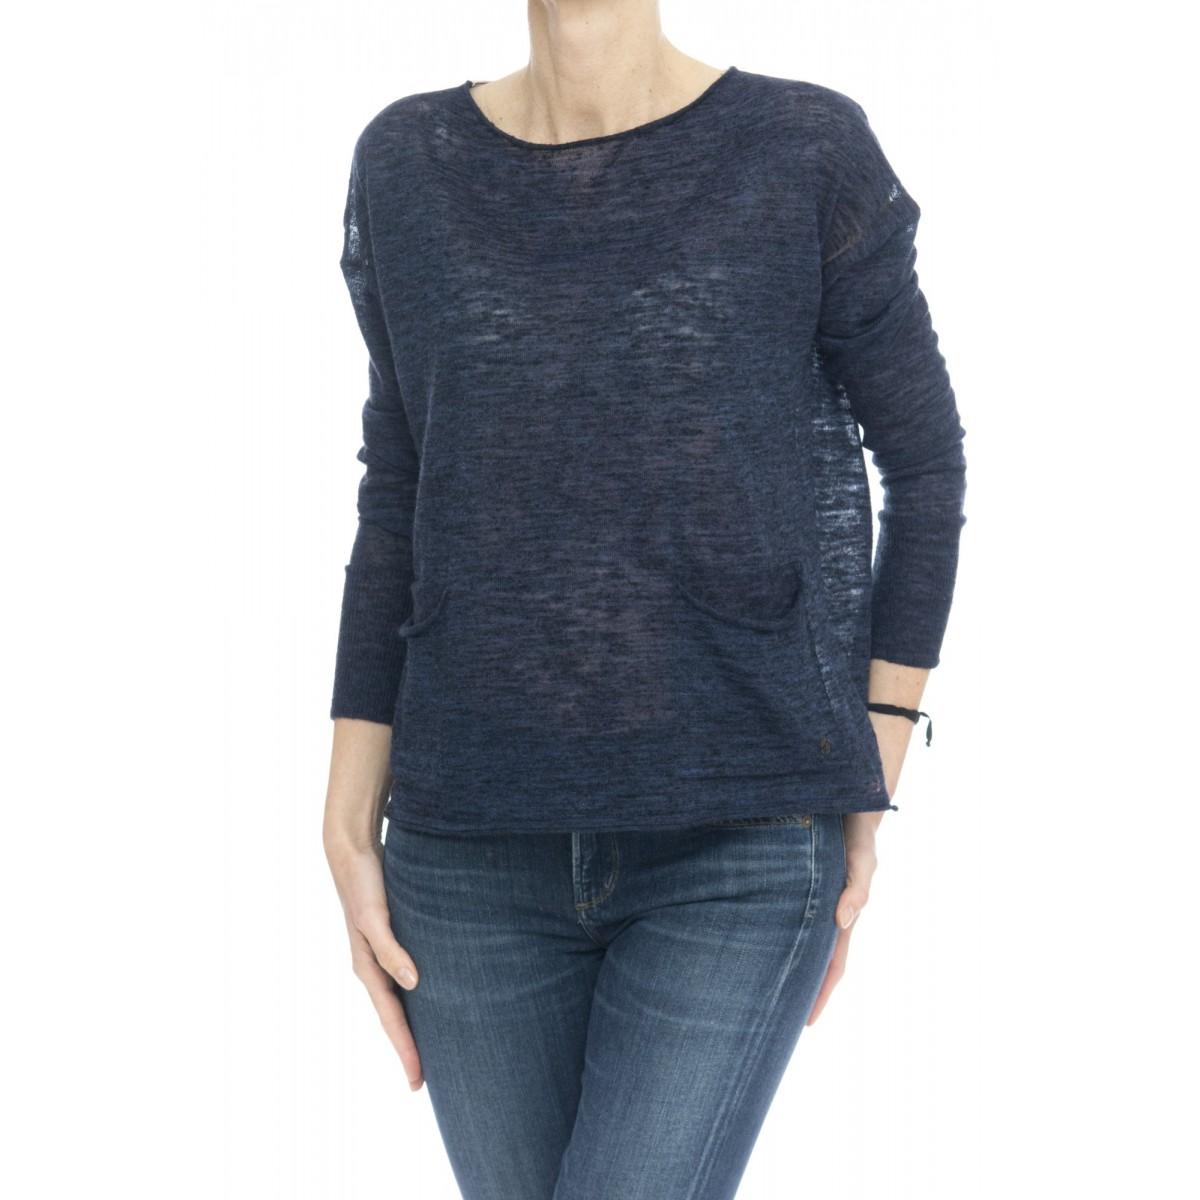 Maglieria - Fk13 maglia over tasca sottile